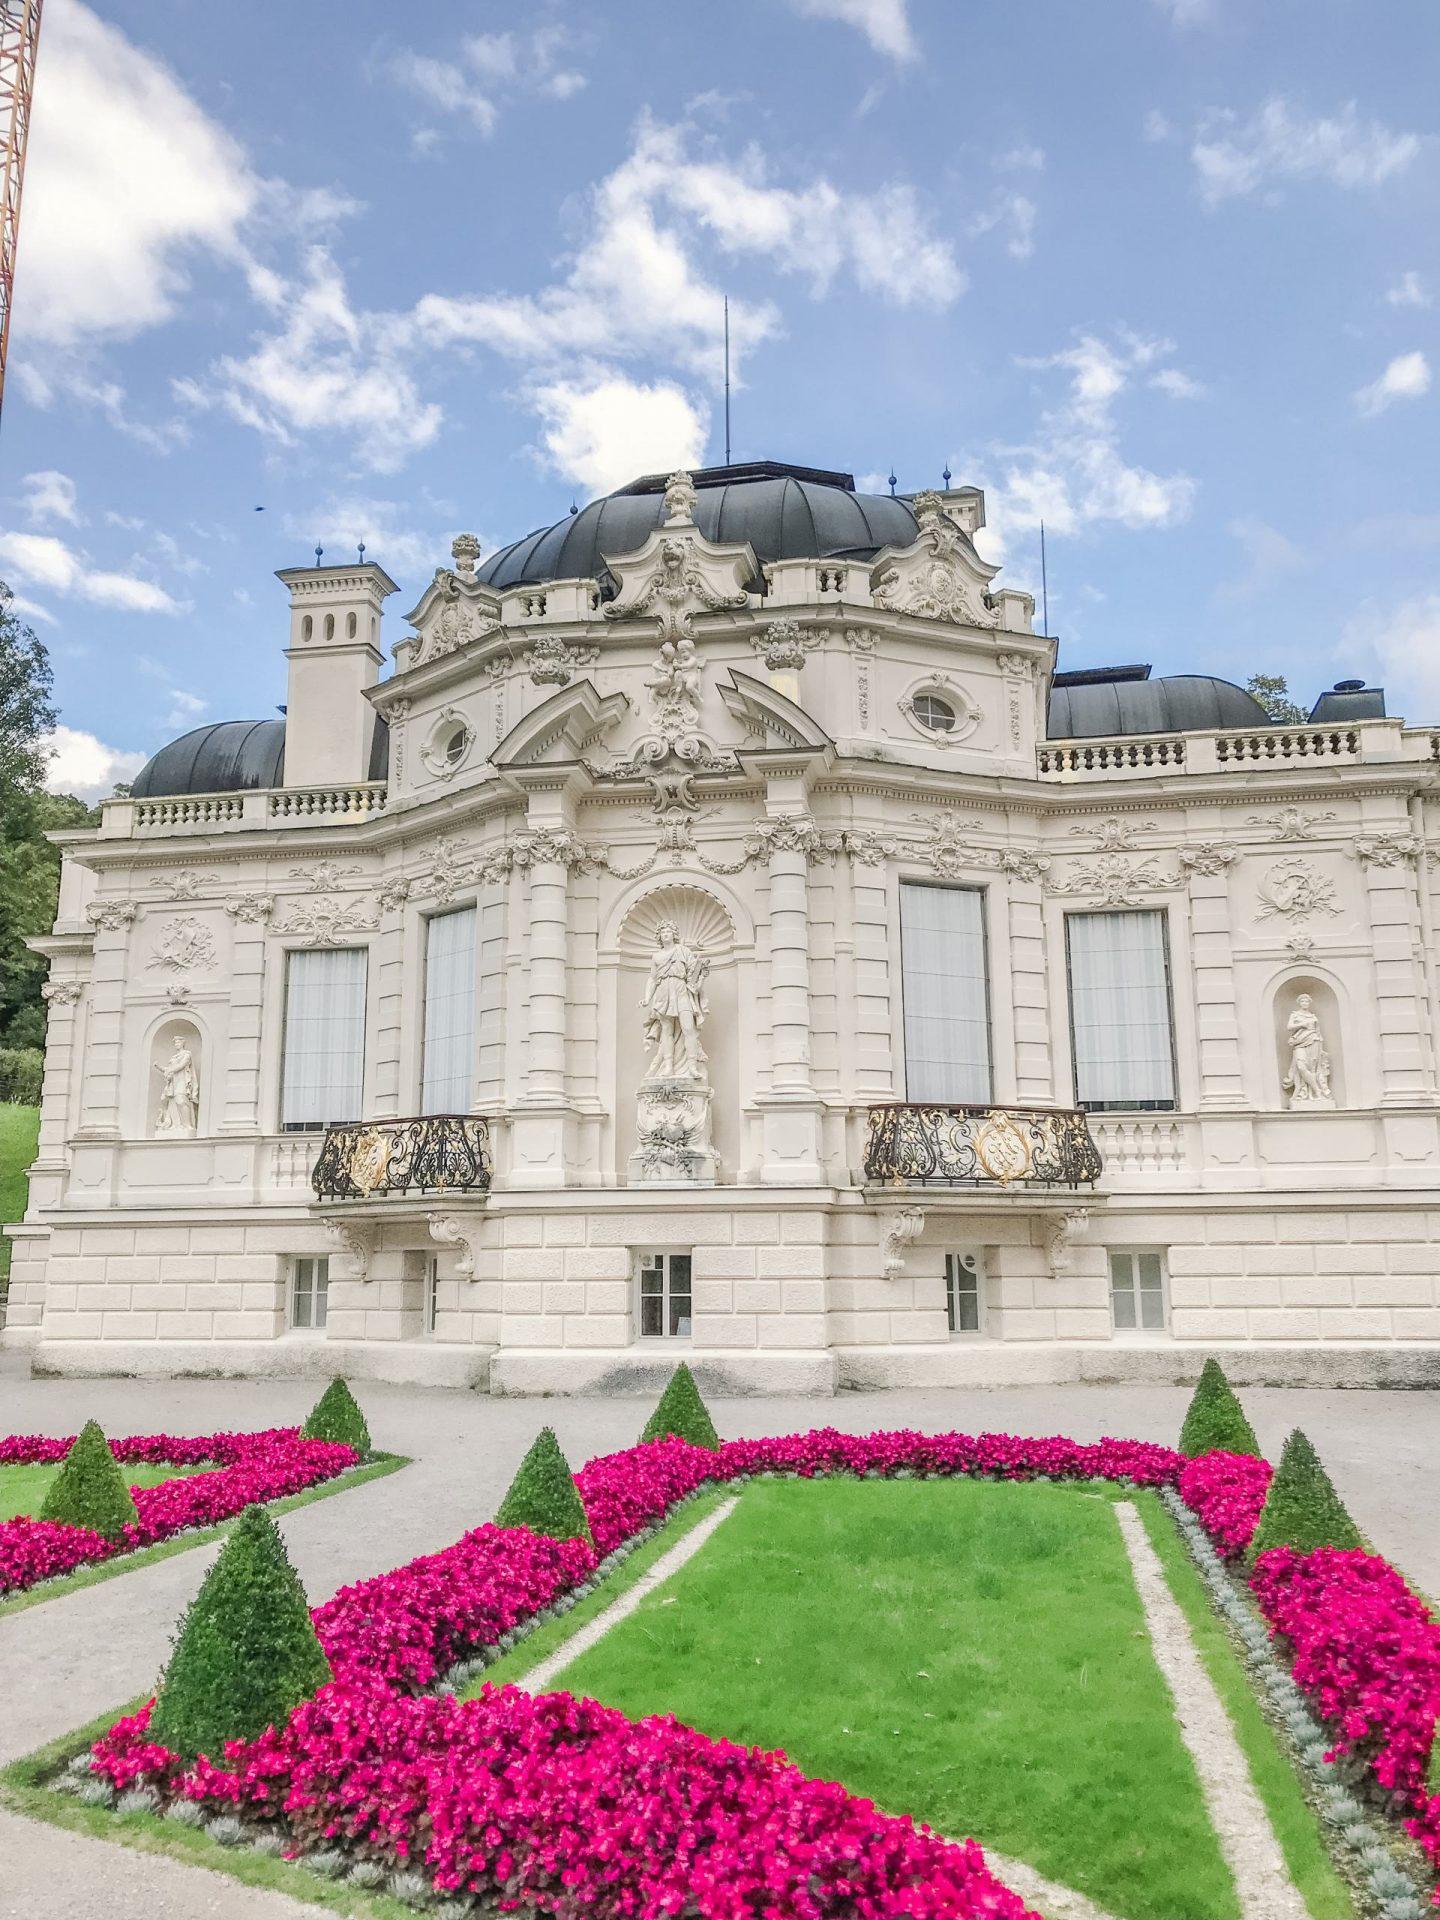 Bijuleni - Linderhof Palace Day Trip Guide